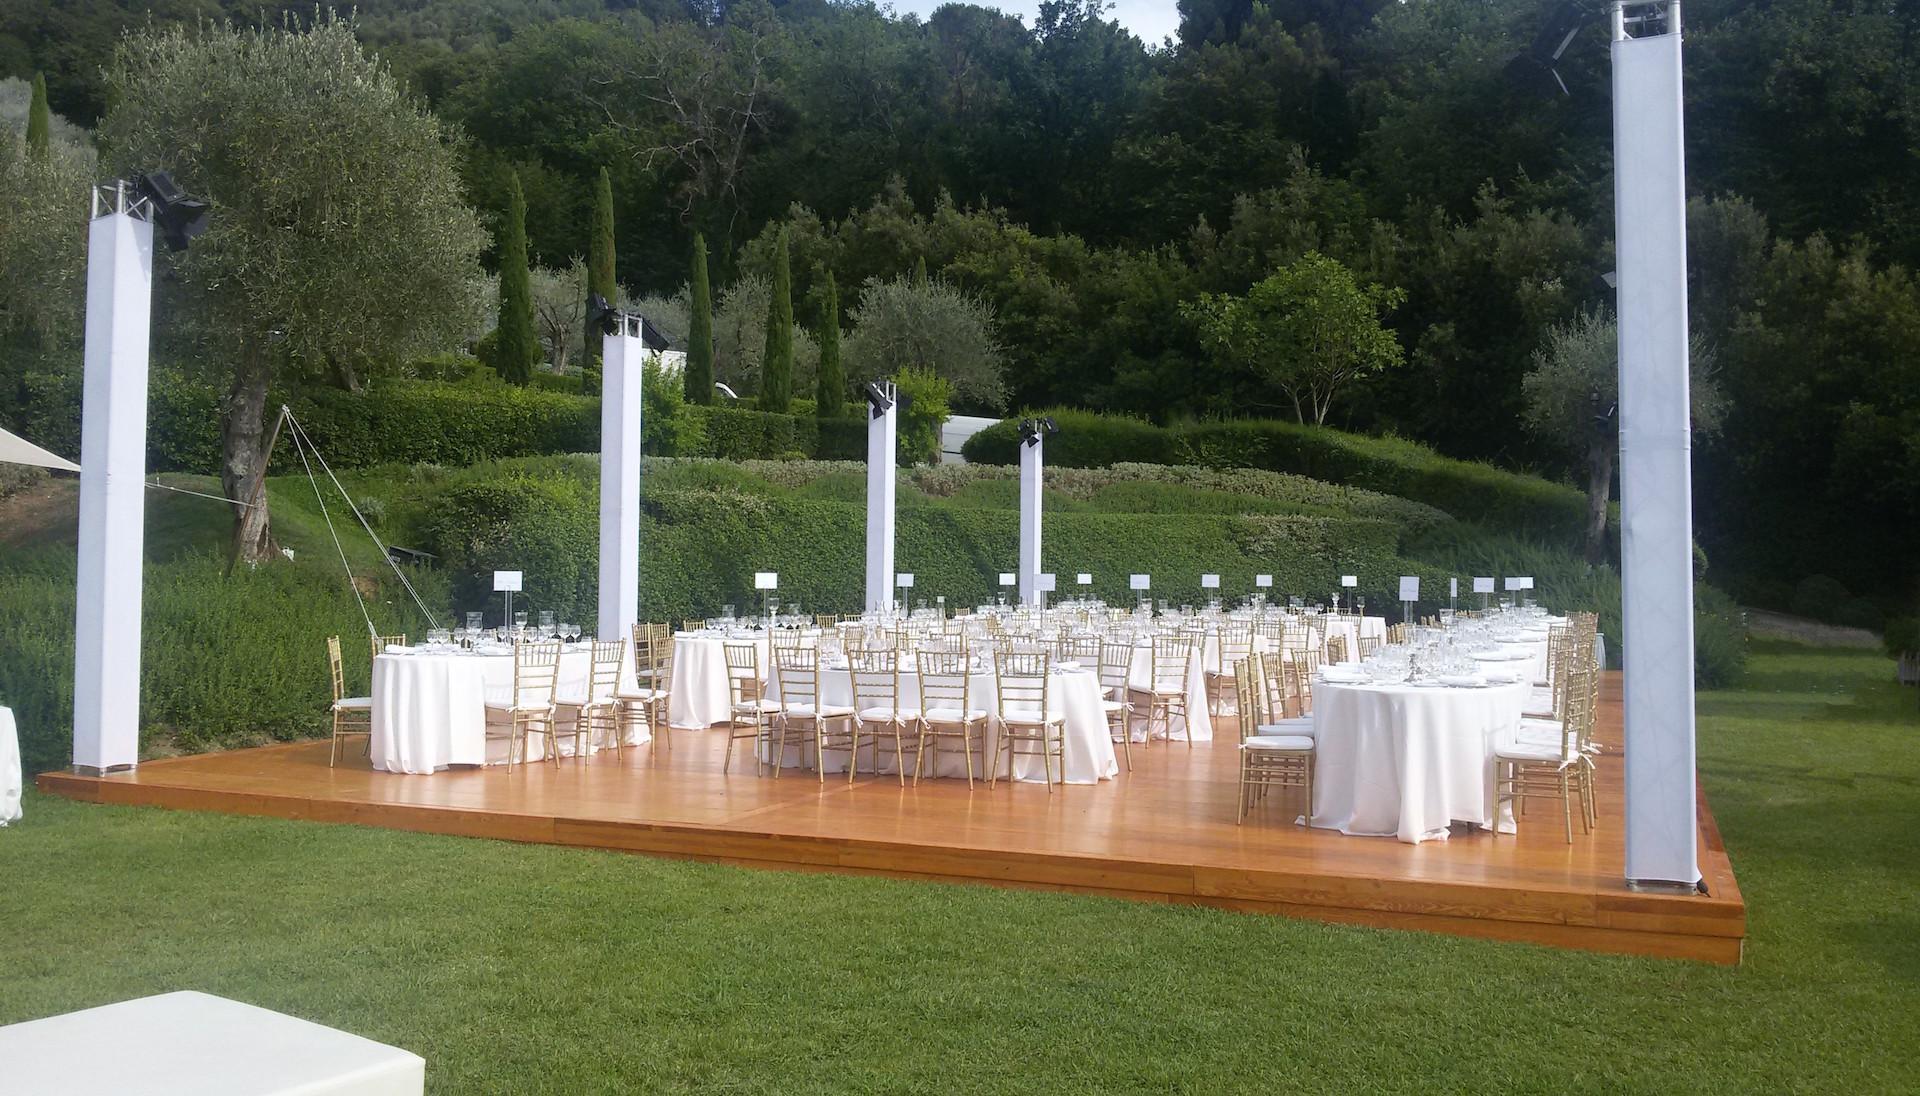 Pedana luxury con tavoli bianchi